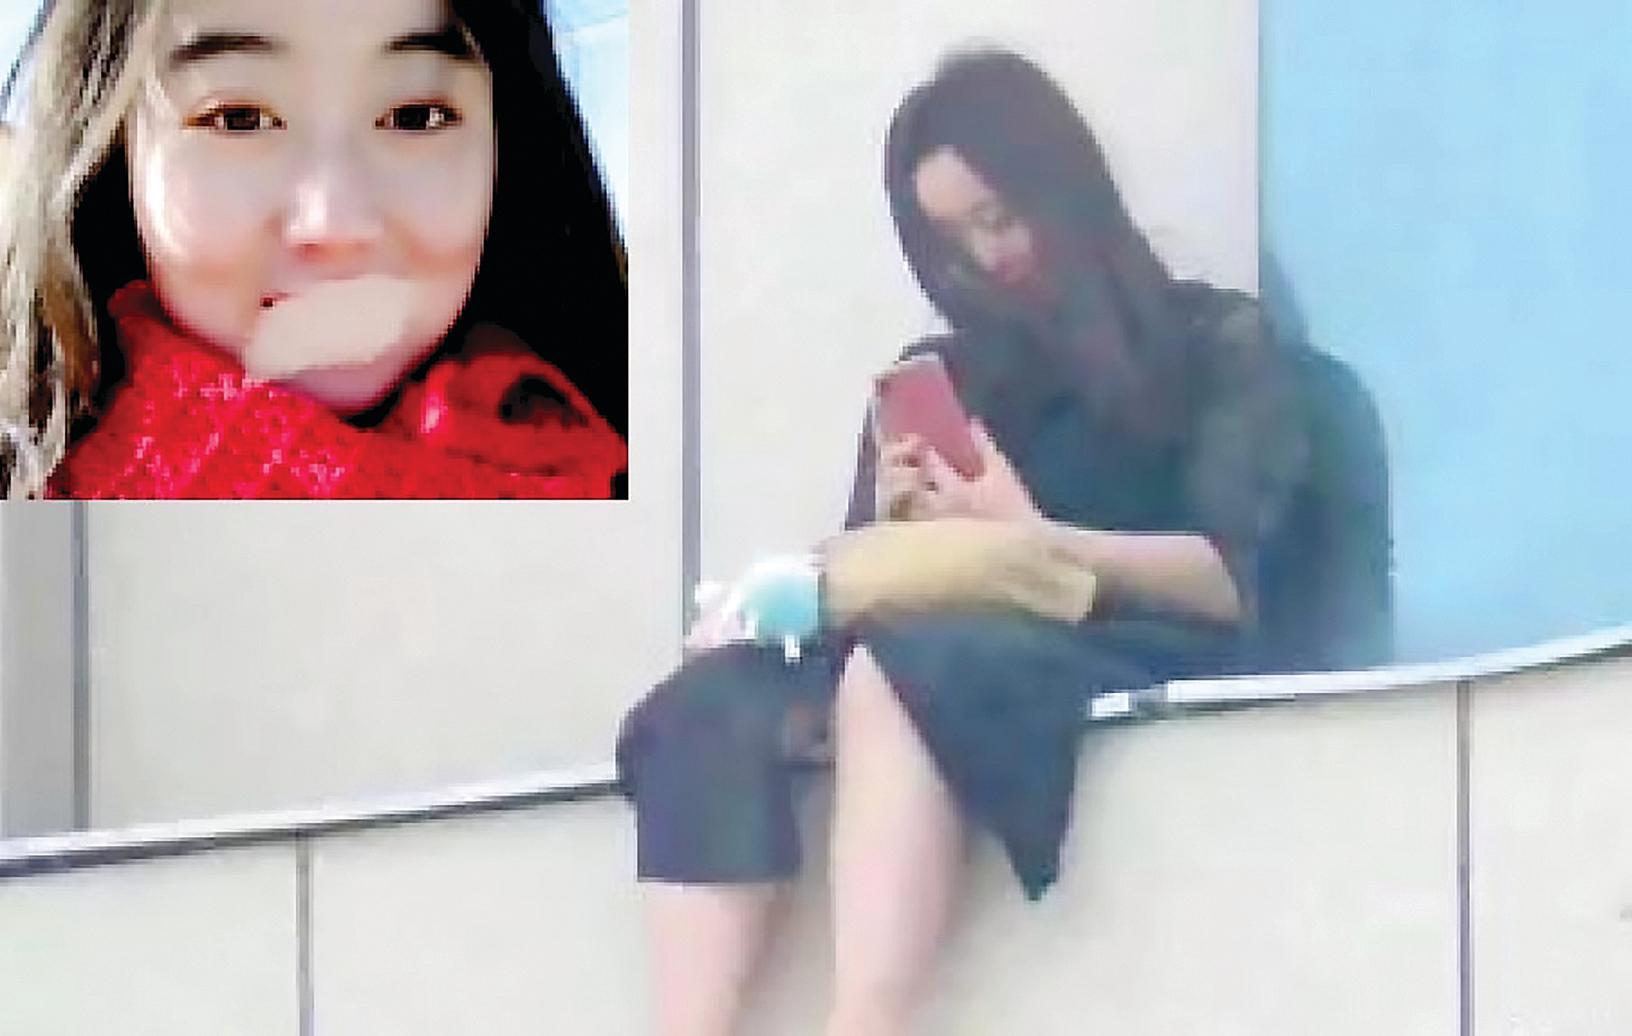 慶陽市一名19歲女生遭到班主任猥褻,在投訴無門後選擇跳樓。(大紀元合成圖)